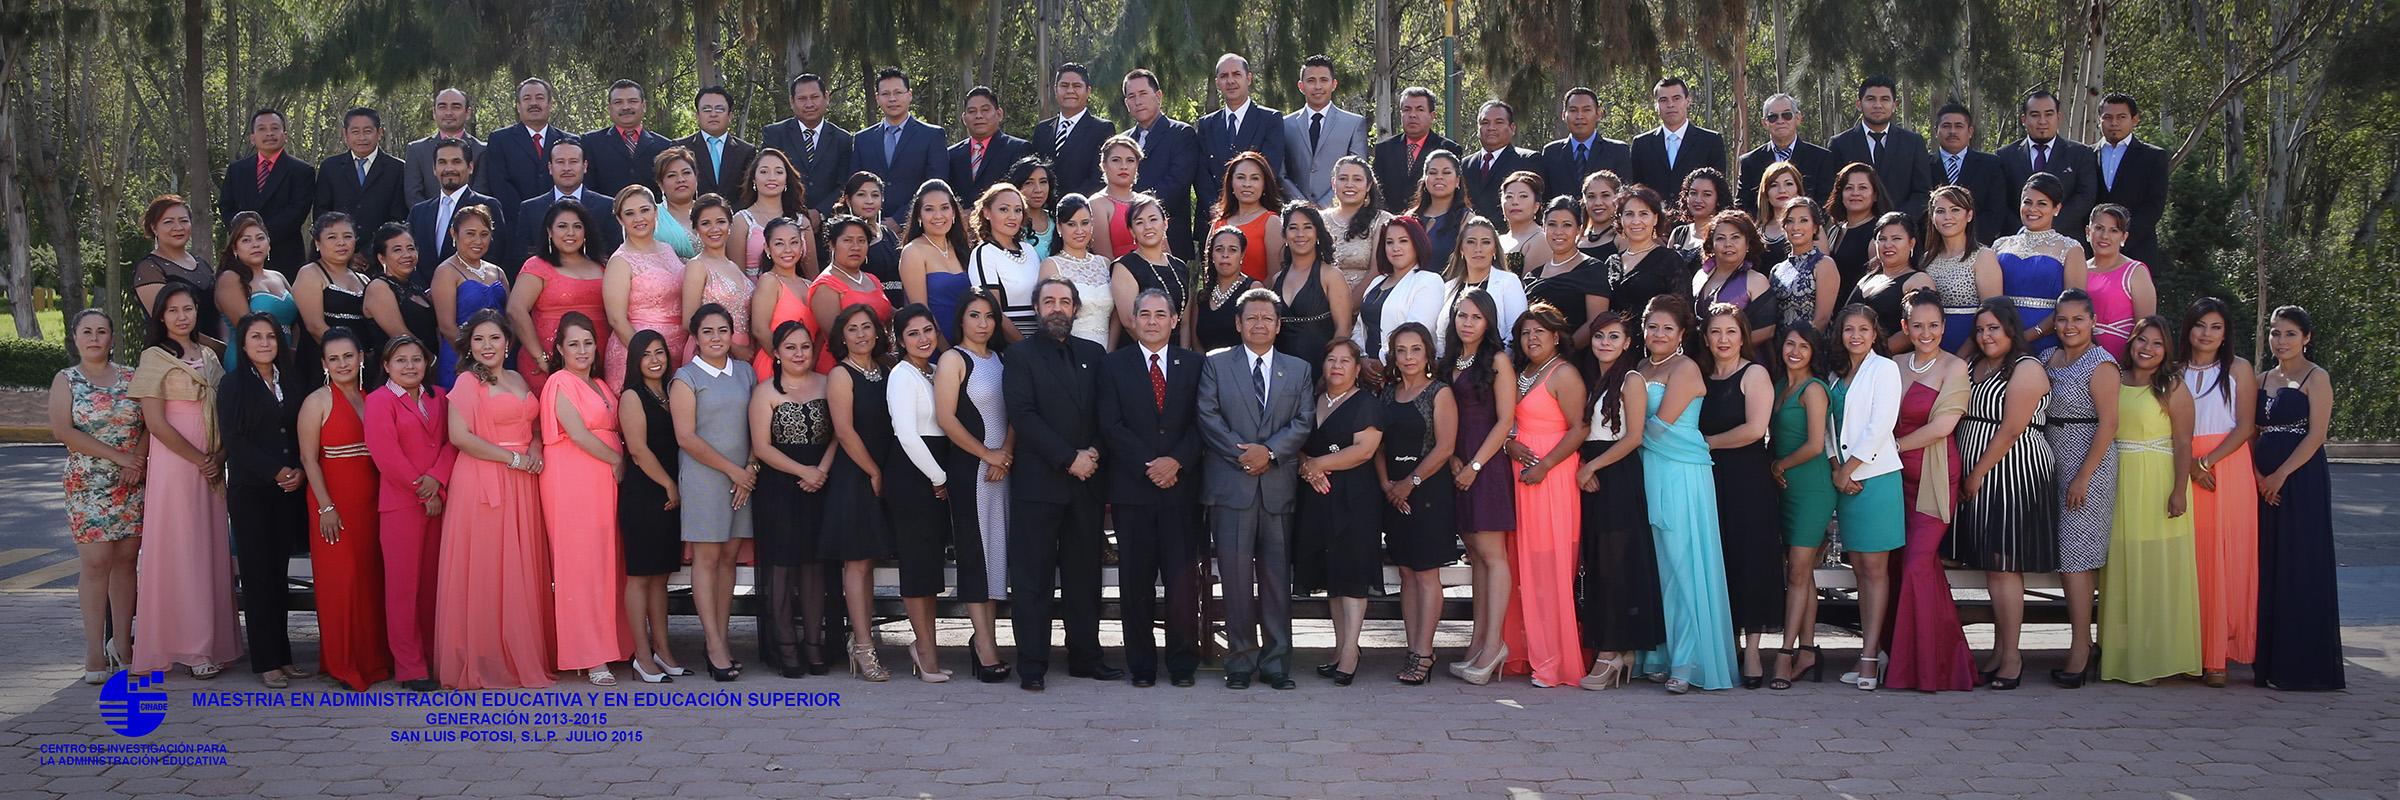 Generación 2013-2015 (Maestrías)